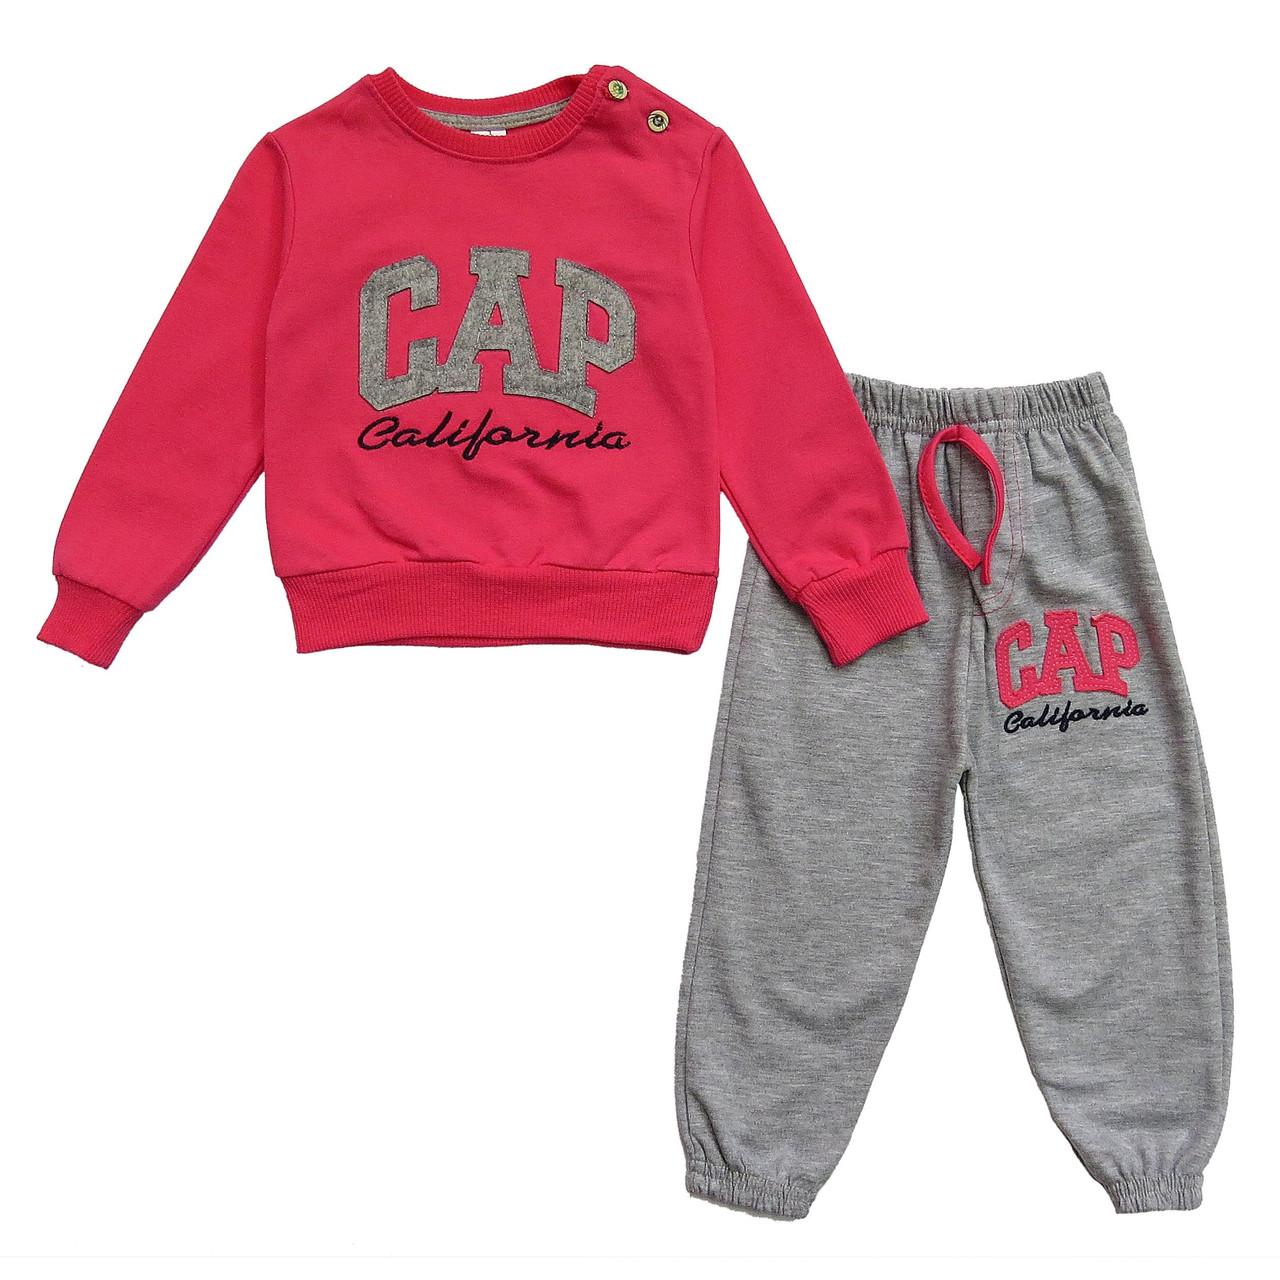 Спортивный костюм Gap для девочки. Маломерит. 1, 3, 4 года